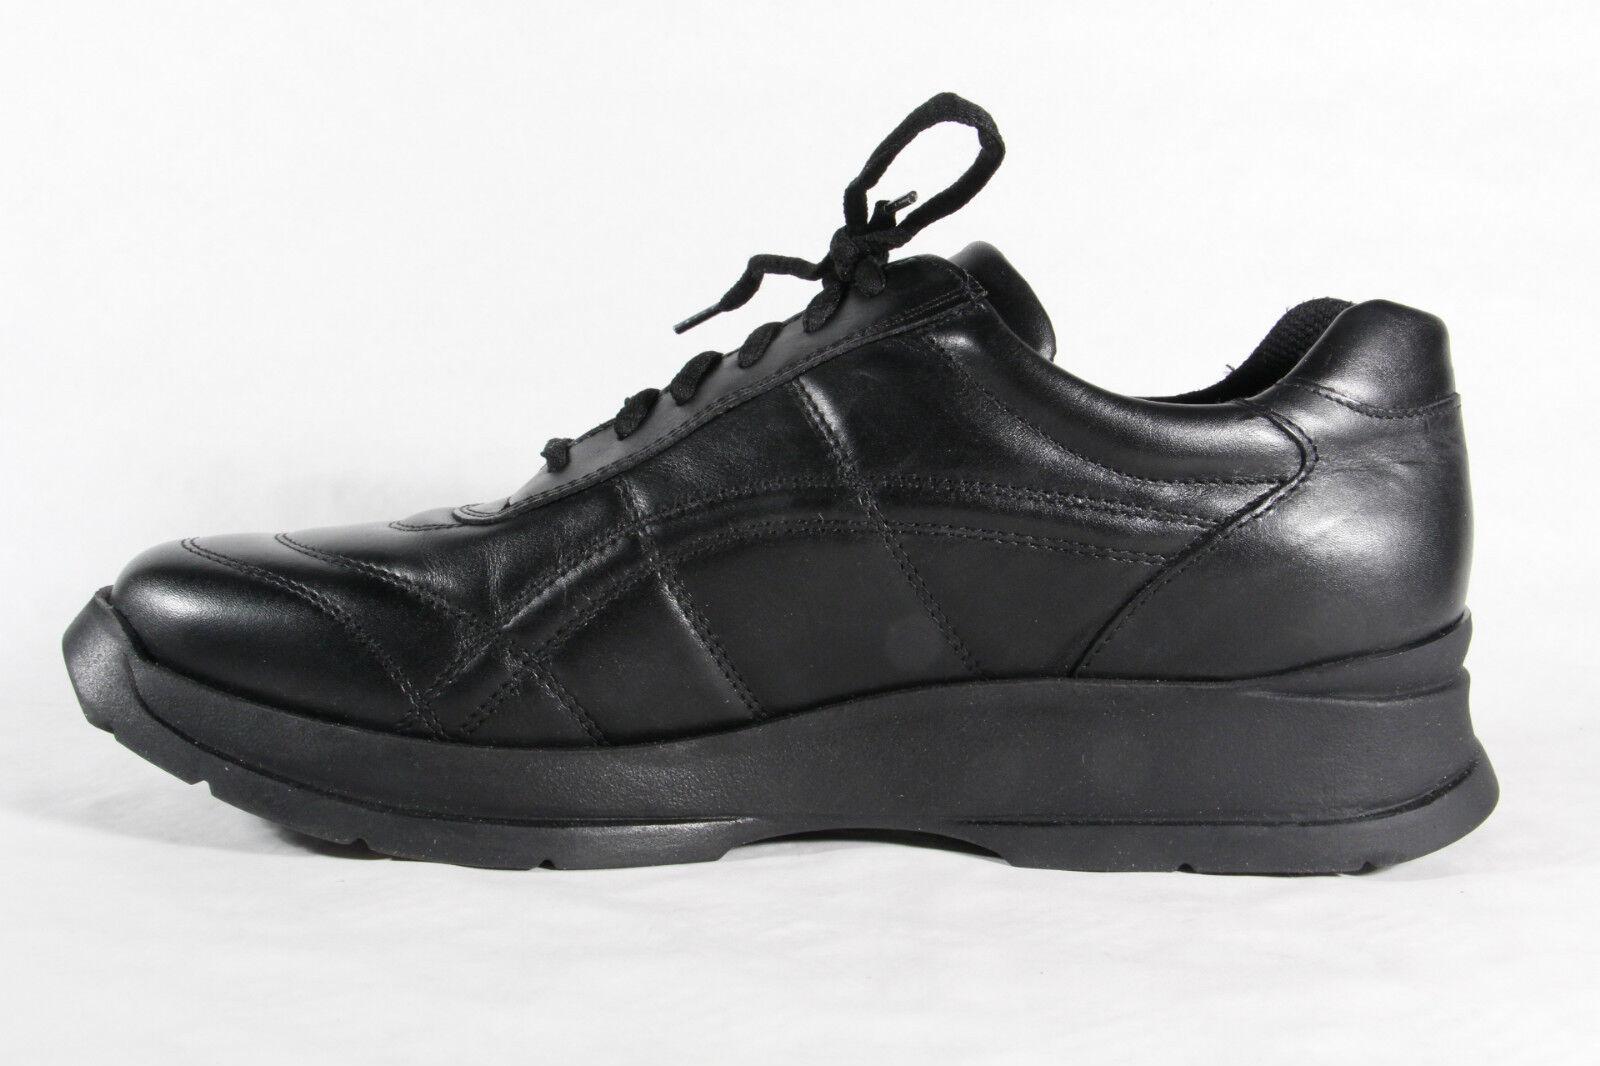 Esprit Herren Schnürschuh, Halbschuh Turnschuhe Turnschuhe Turnschuhe schwarz, NEU  1e960e